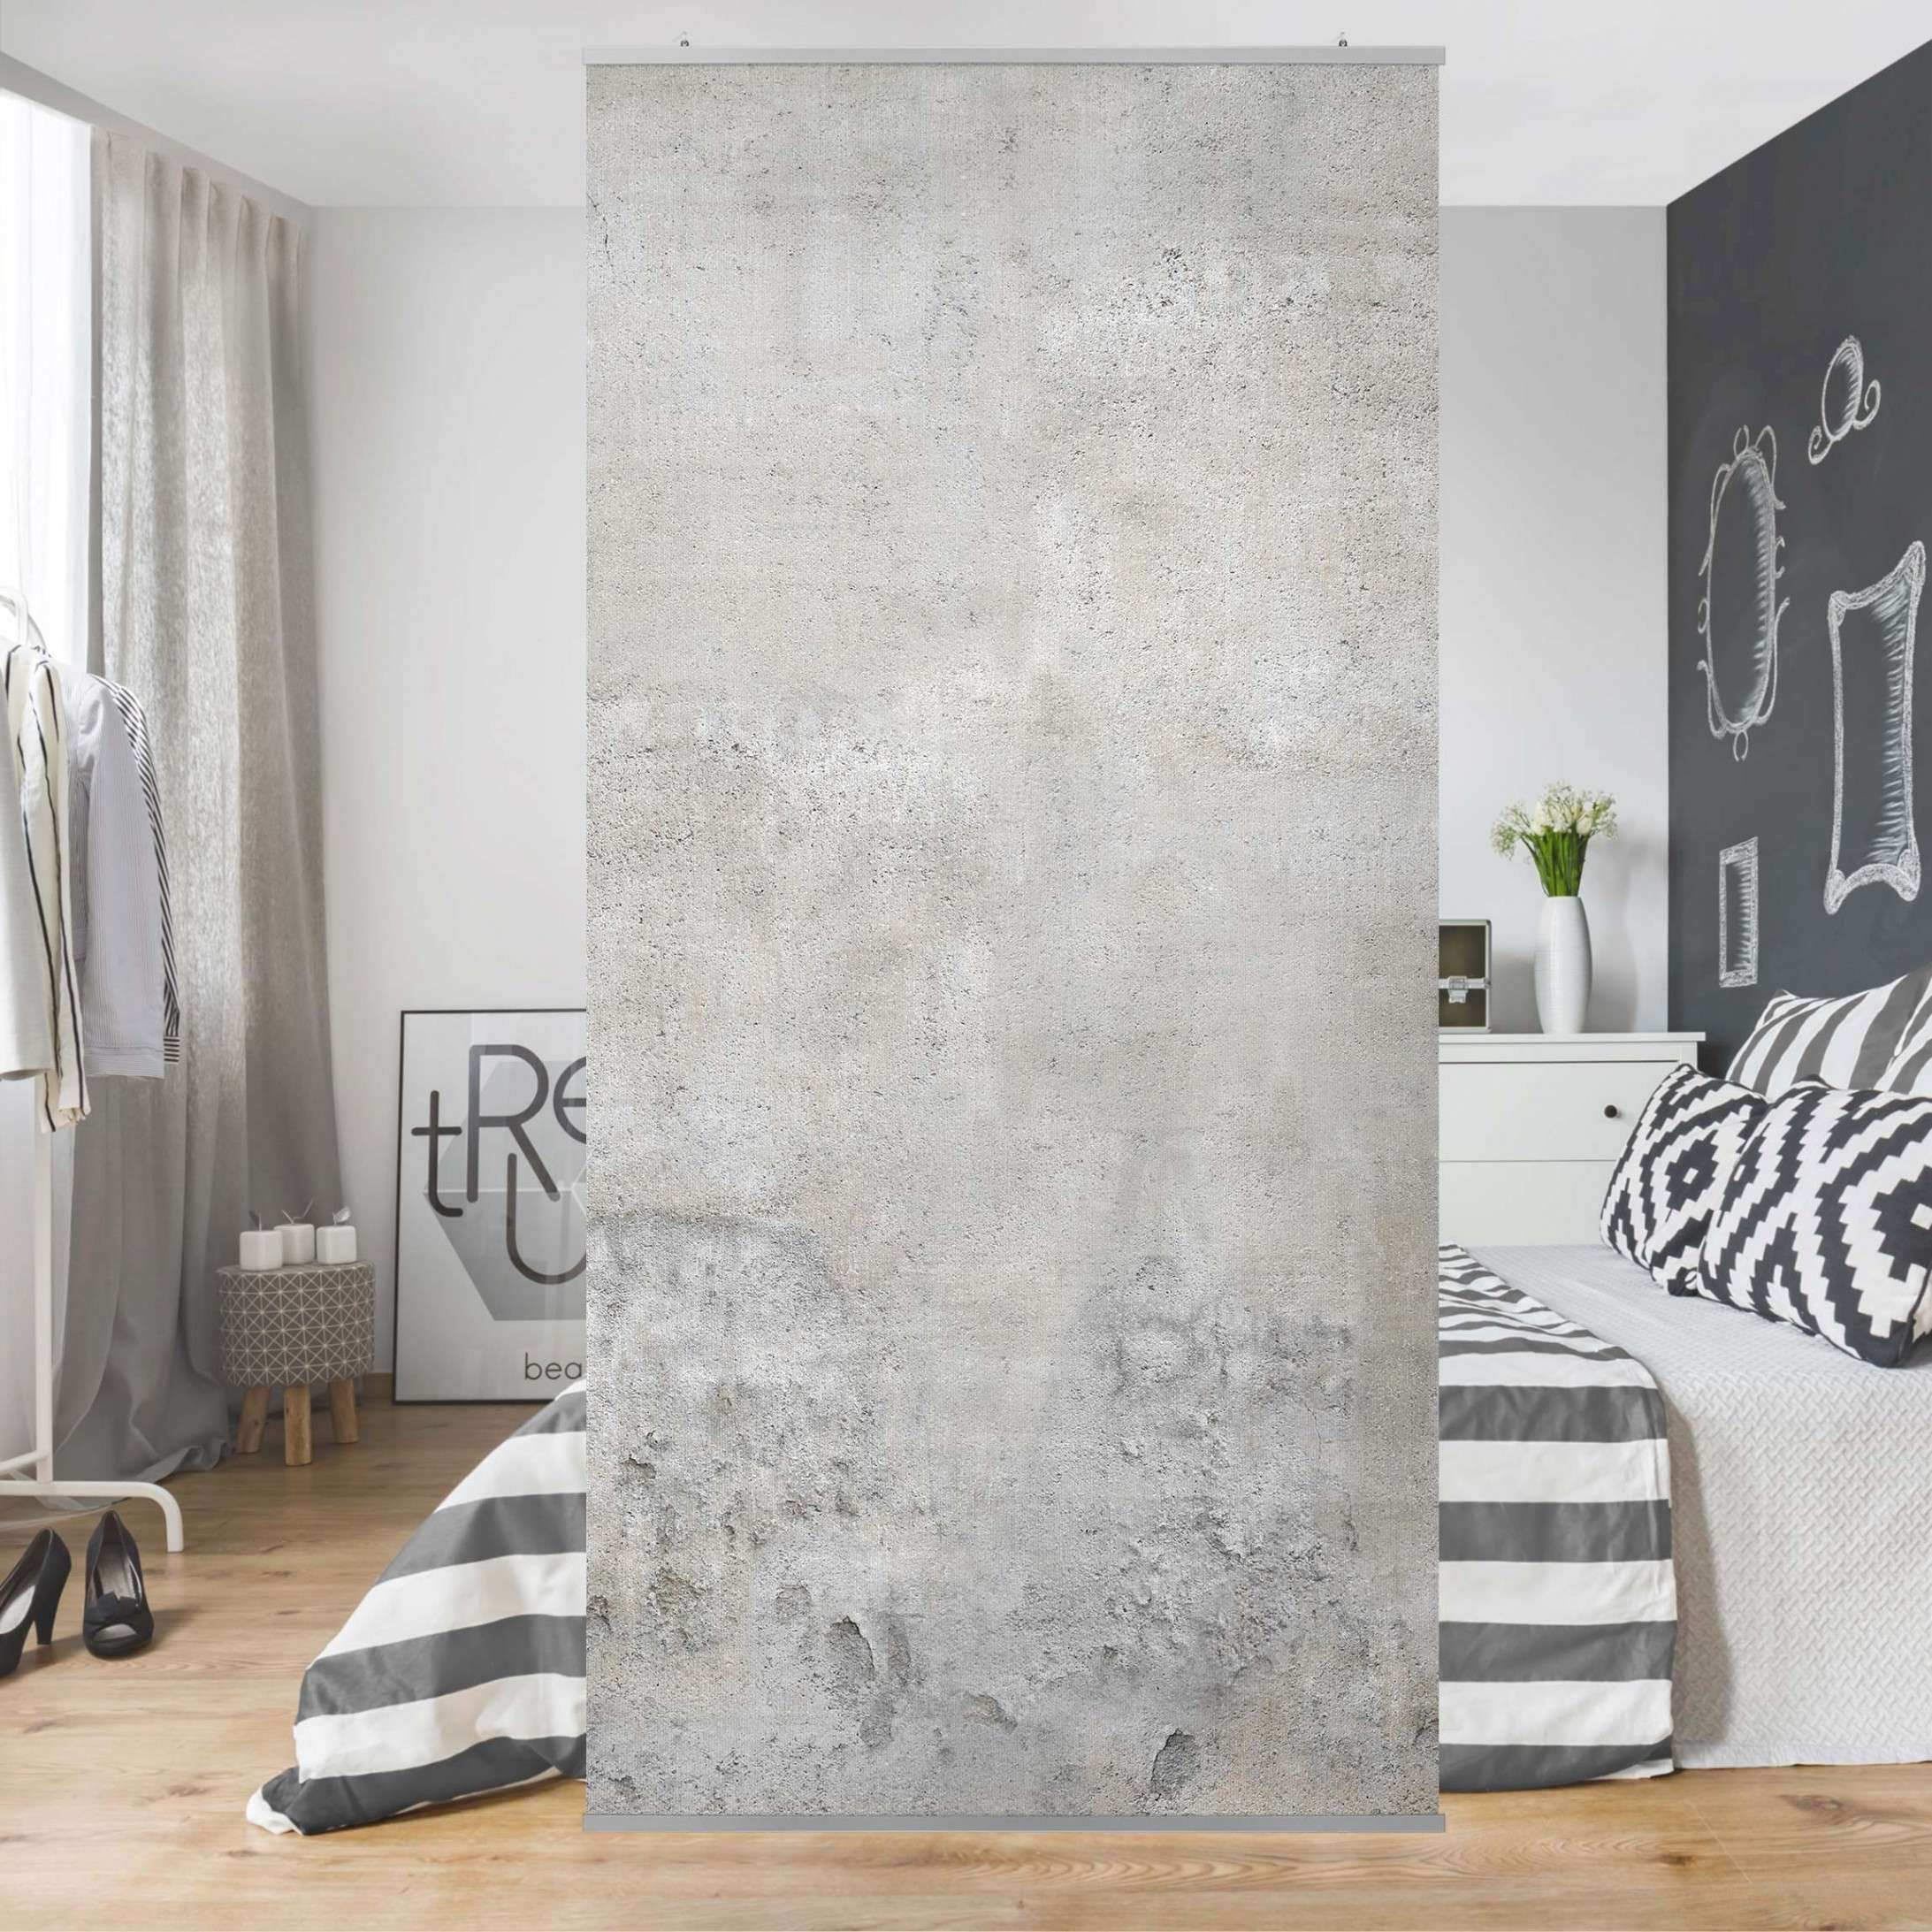 tisch fur wohnzimmer luxus 50 tolle von tisch fur wohnzimmer ideen of tisch fur wohnzimmer